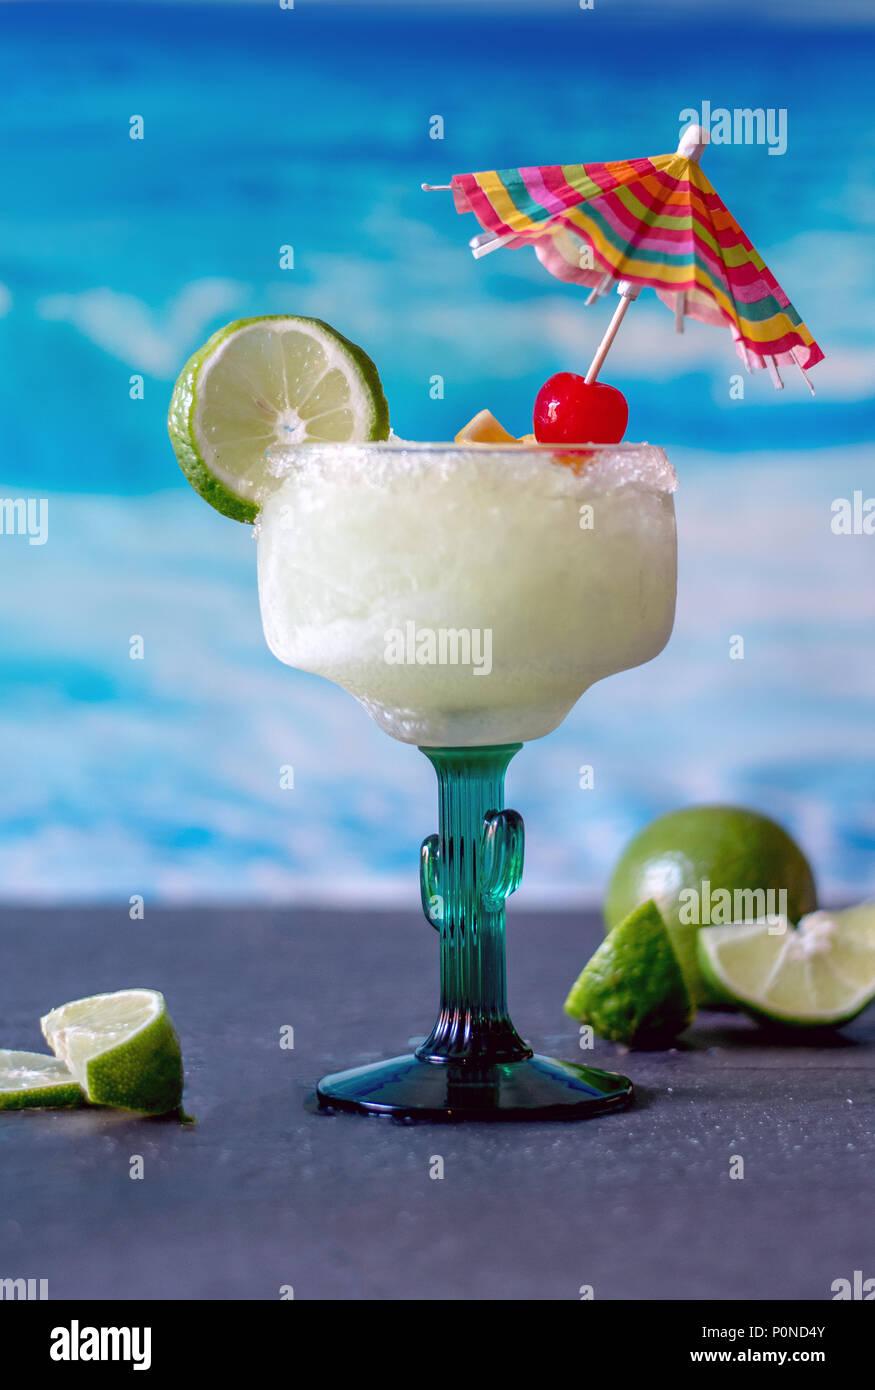 en venta en línea descuento en venta novísimo selección Frozen Margarita Imágenes De Stock & Frozen Margarita Fotos ...